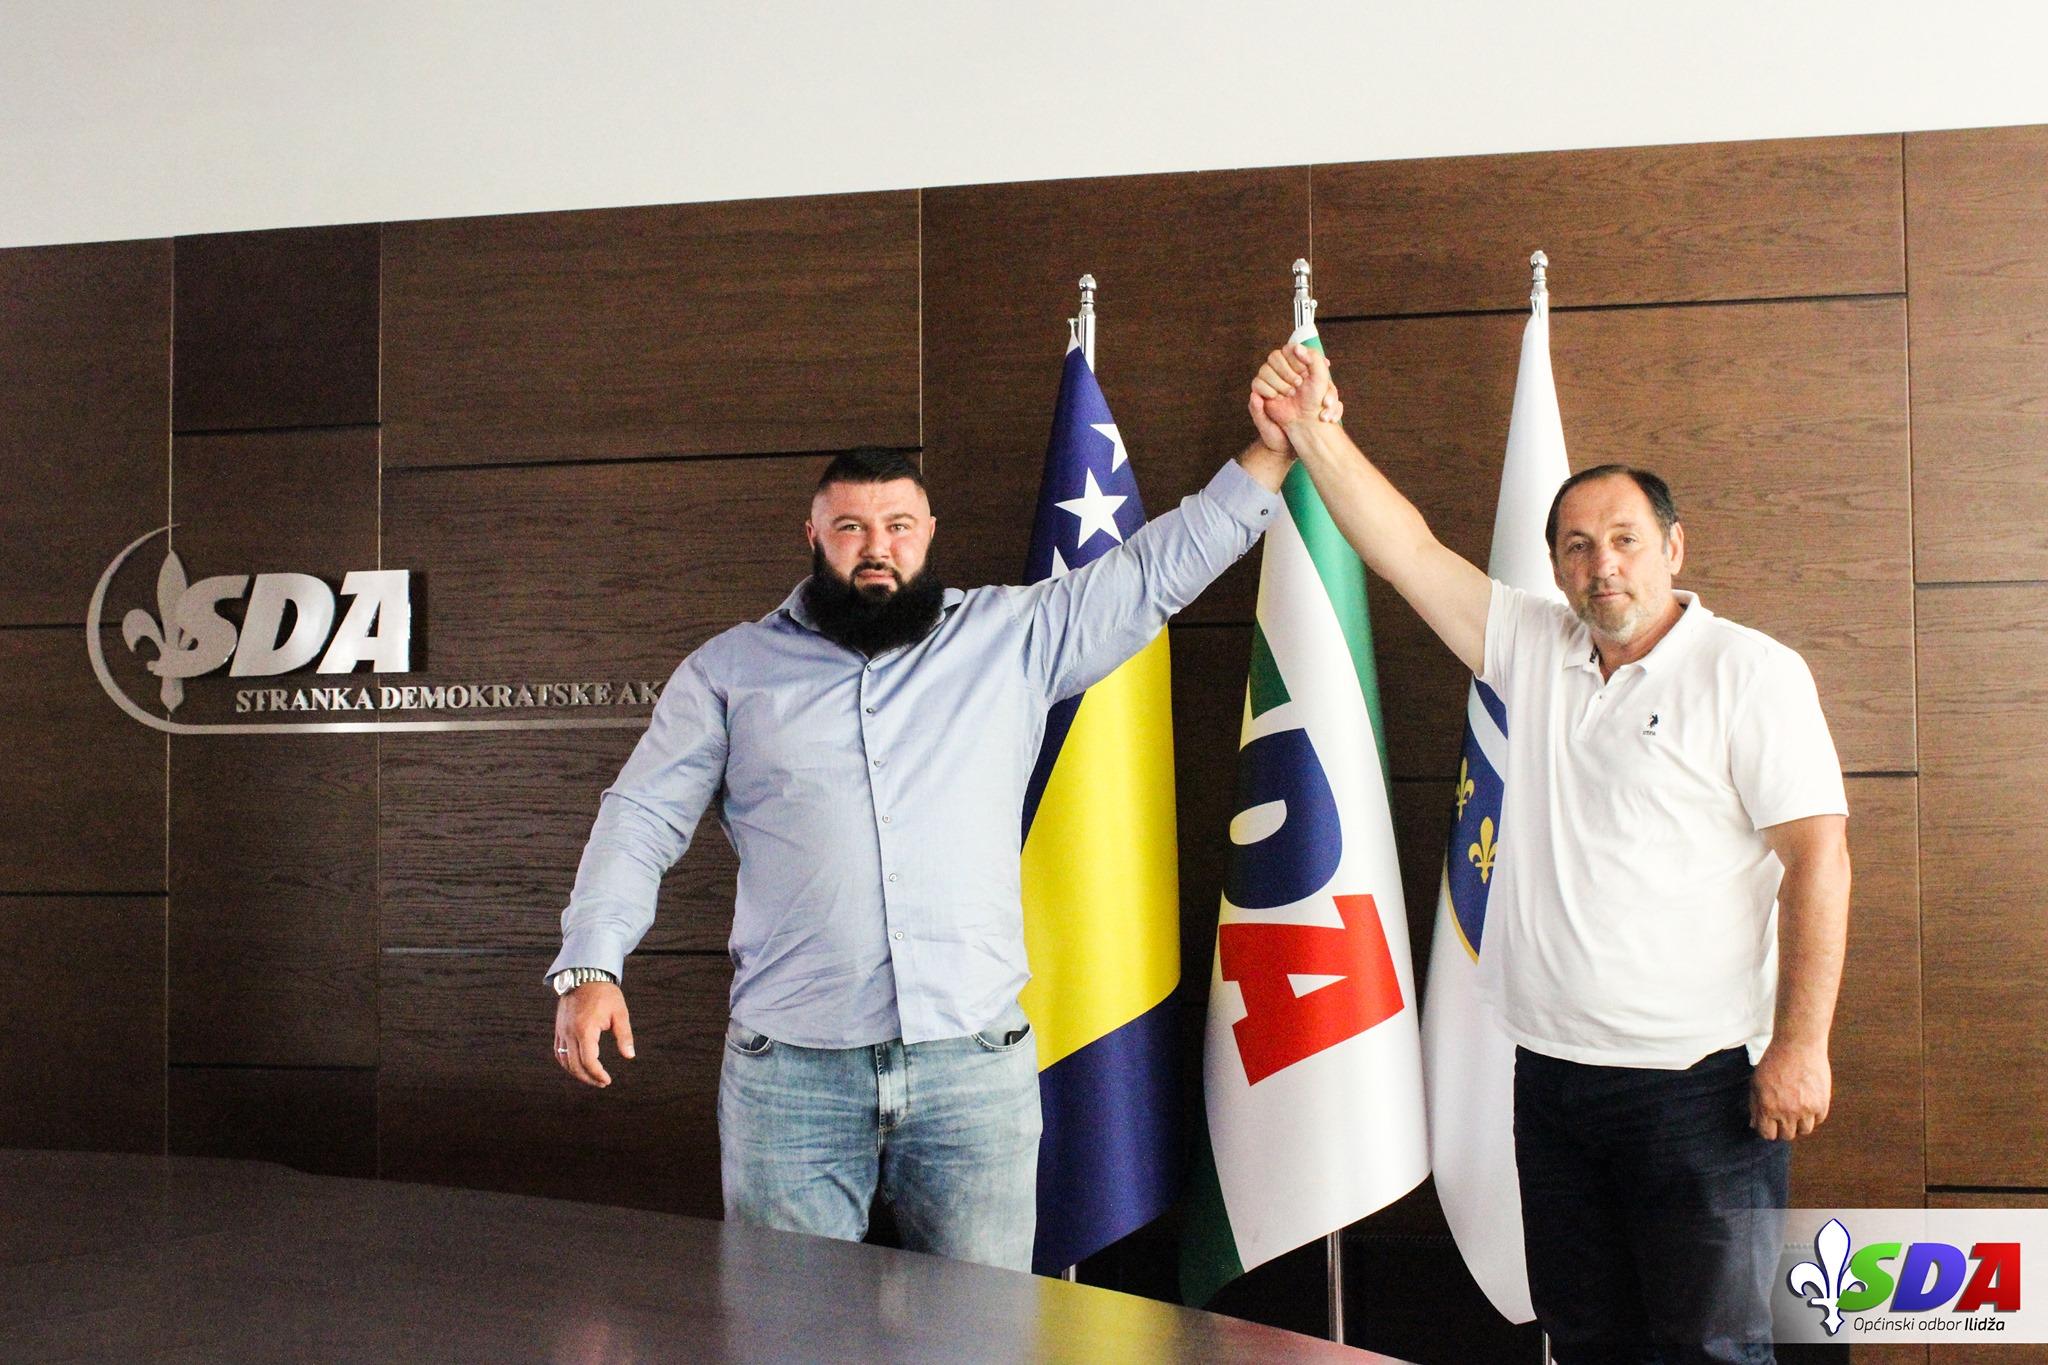 Najsnažniji Bosanac svih vremena pristupio SDA. Tvrdi da je za SDA narod na  prvom mjestu | Raport.ba